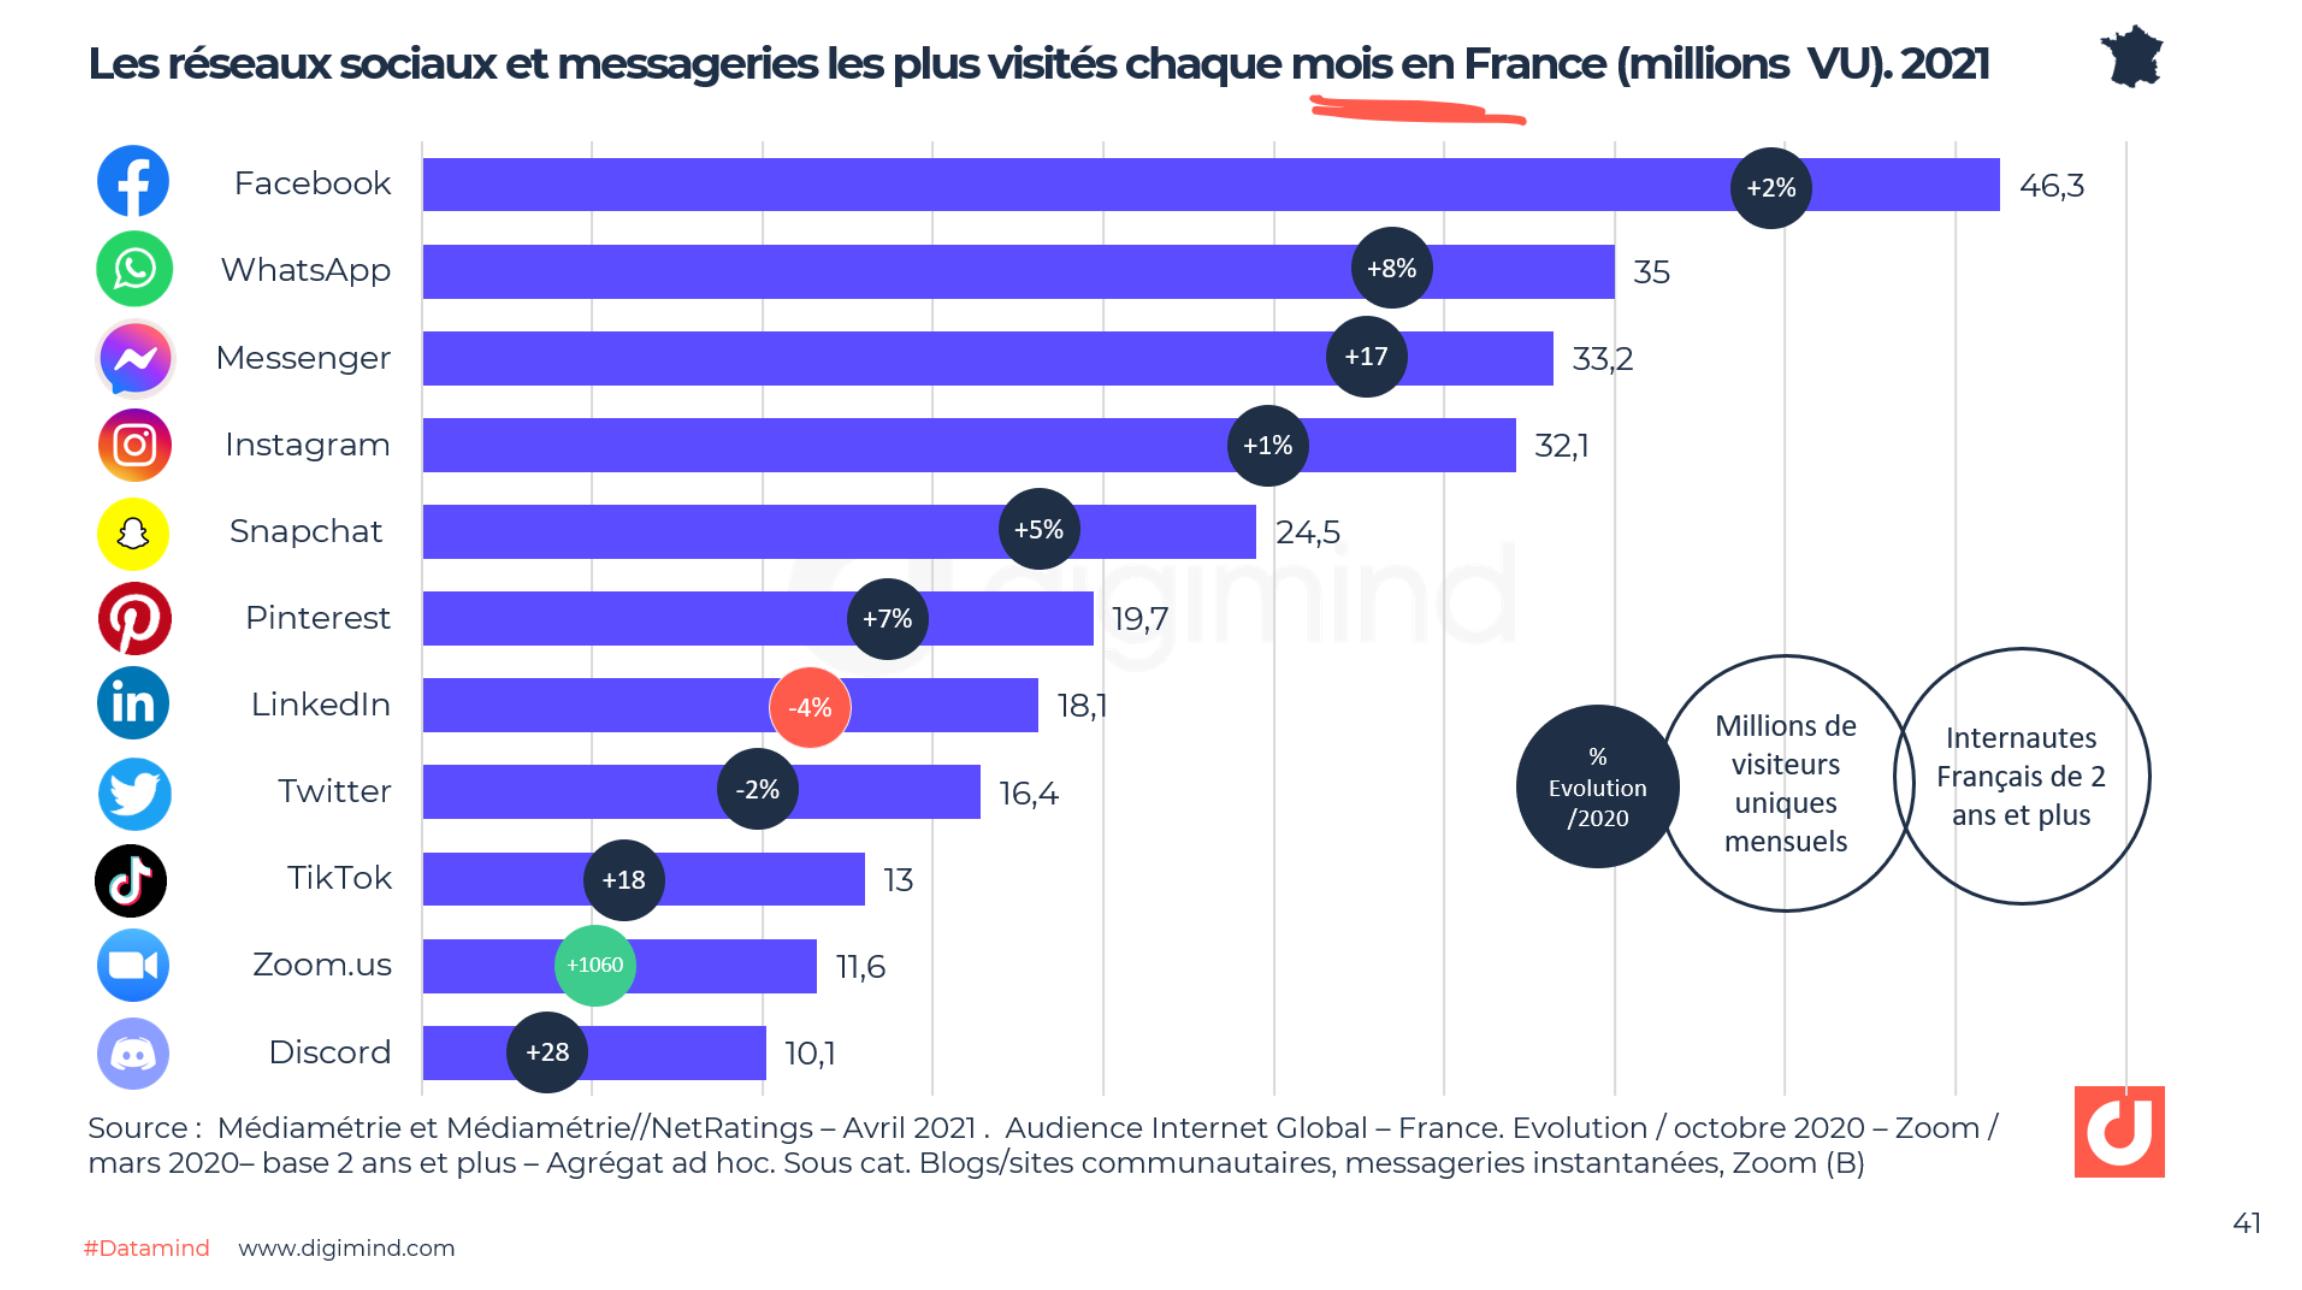 Les réseaux sociaux et messageries les plus visités chaque mois en France (millions VU). 2021